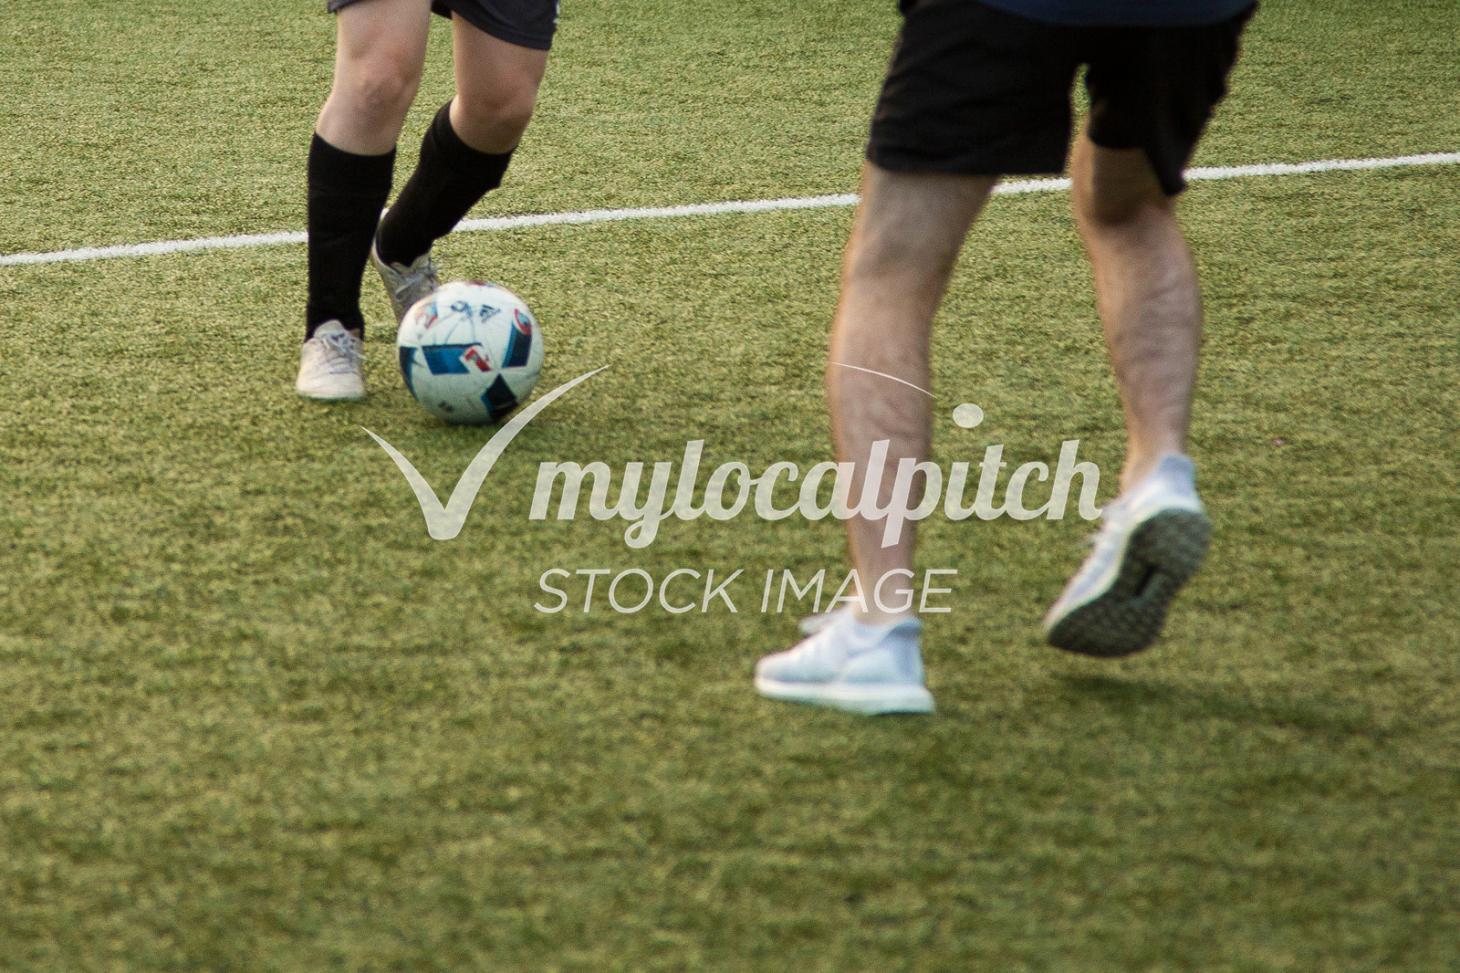 Datchet Recreation Ground 11 a side | Grass football pitch